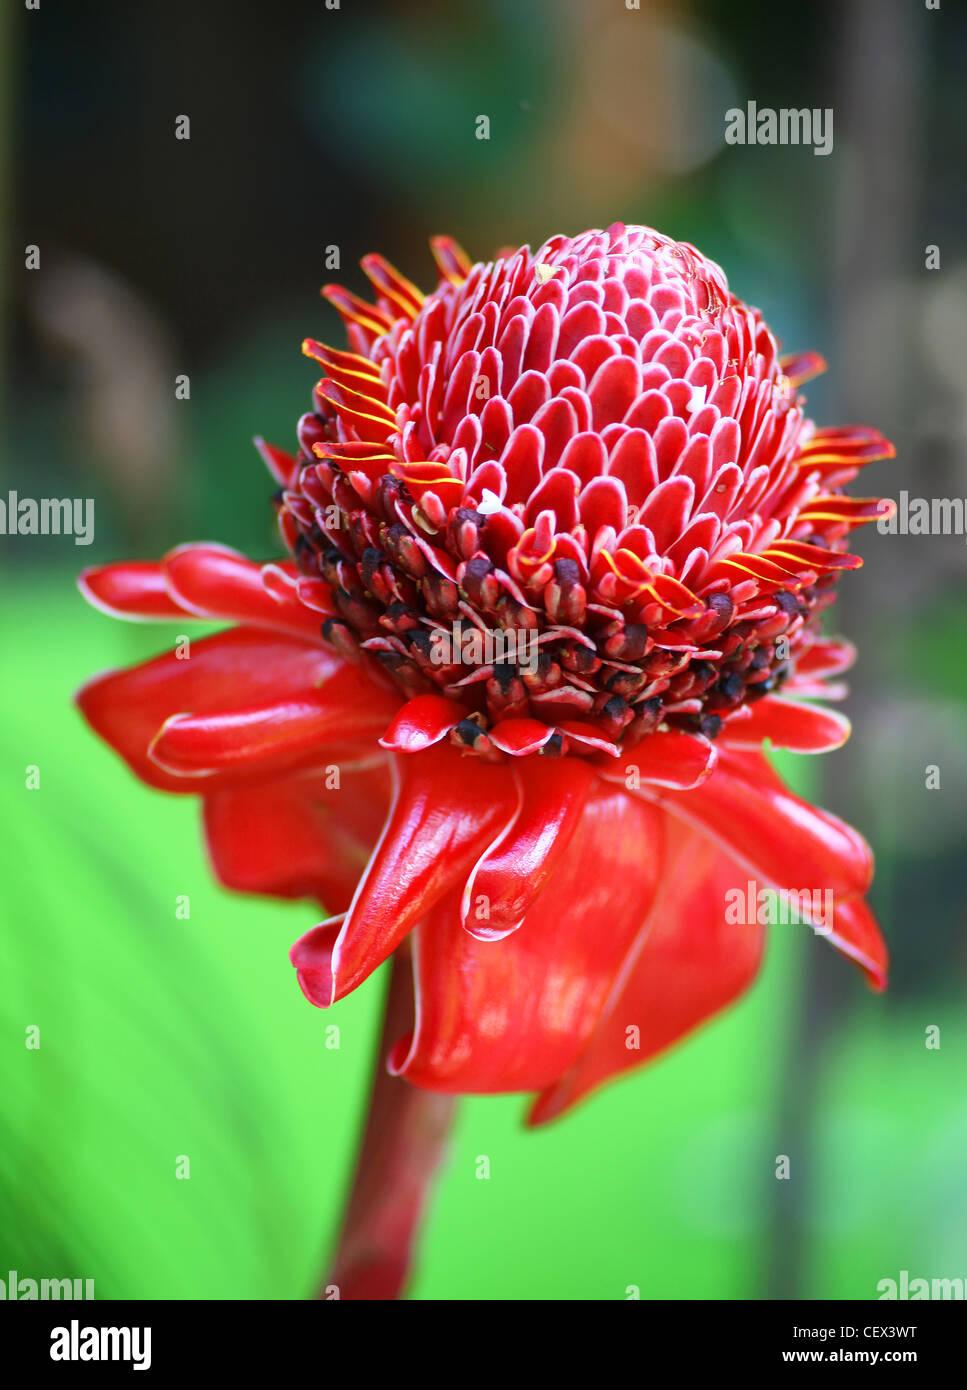 Planta de jengibre 'Red Torch' (Etlingera elatior) Foto de stock